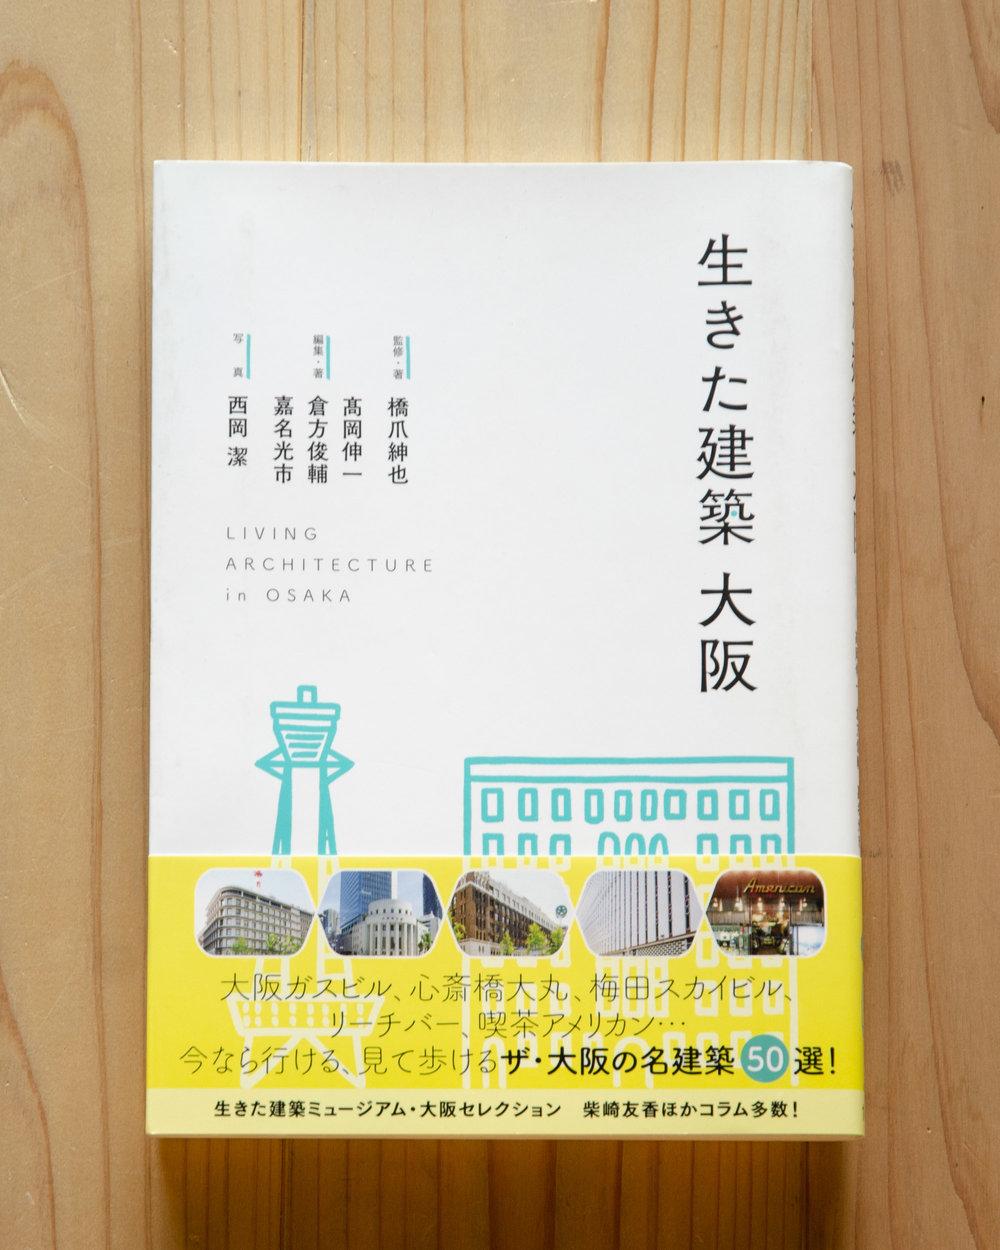 「生きた建築 大阪」 140B